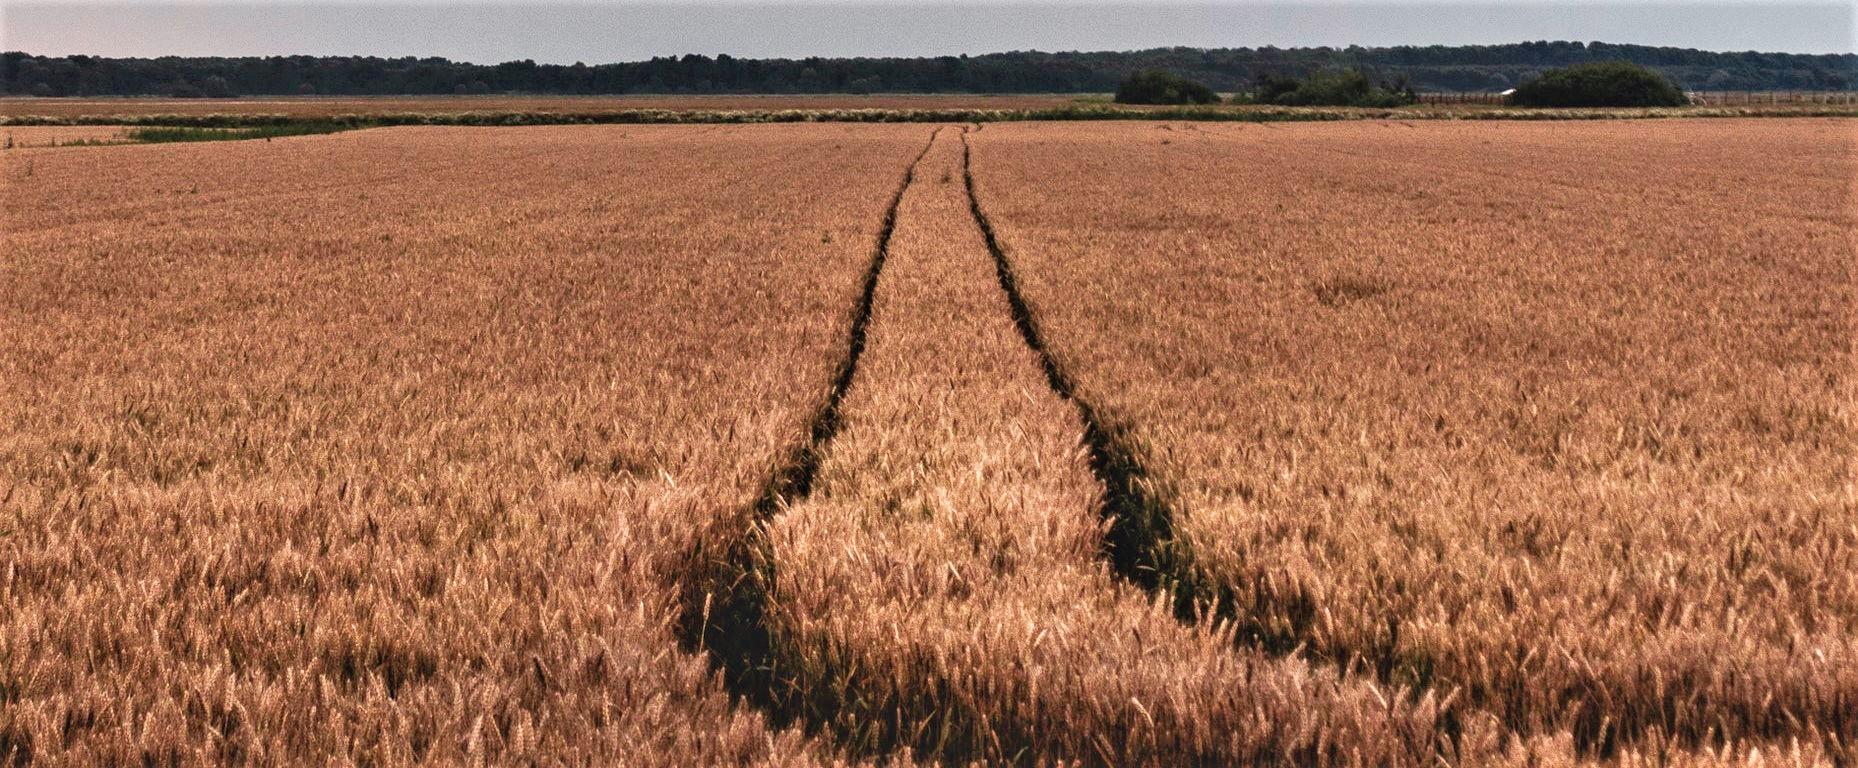 Seguro ou Crédito Rural? Entenda a diferença